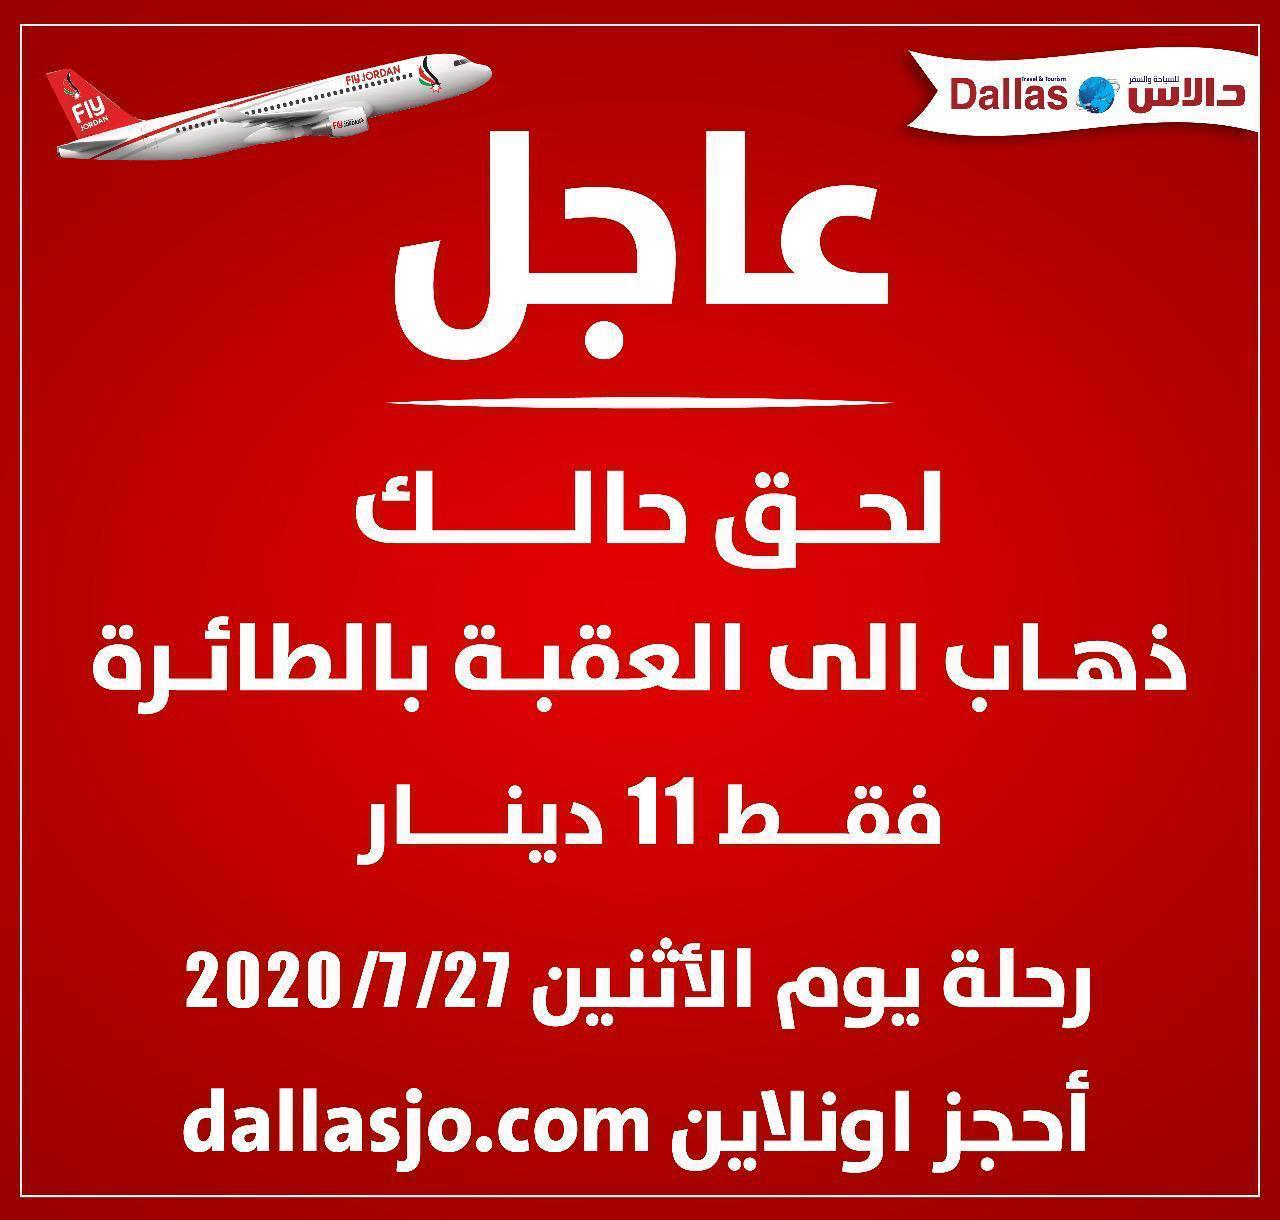 دالاس تعلن عن رحلة الى العقبة ب 11 دينار ذهاب بالطائرة